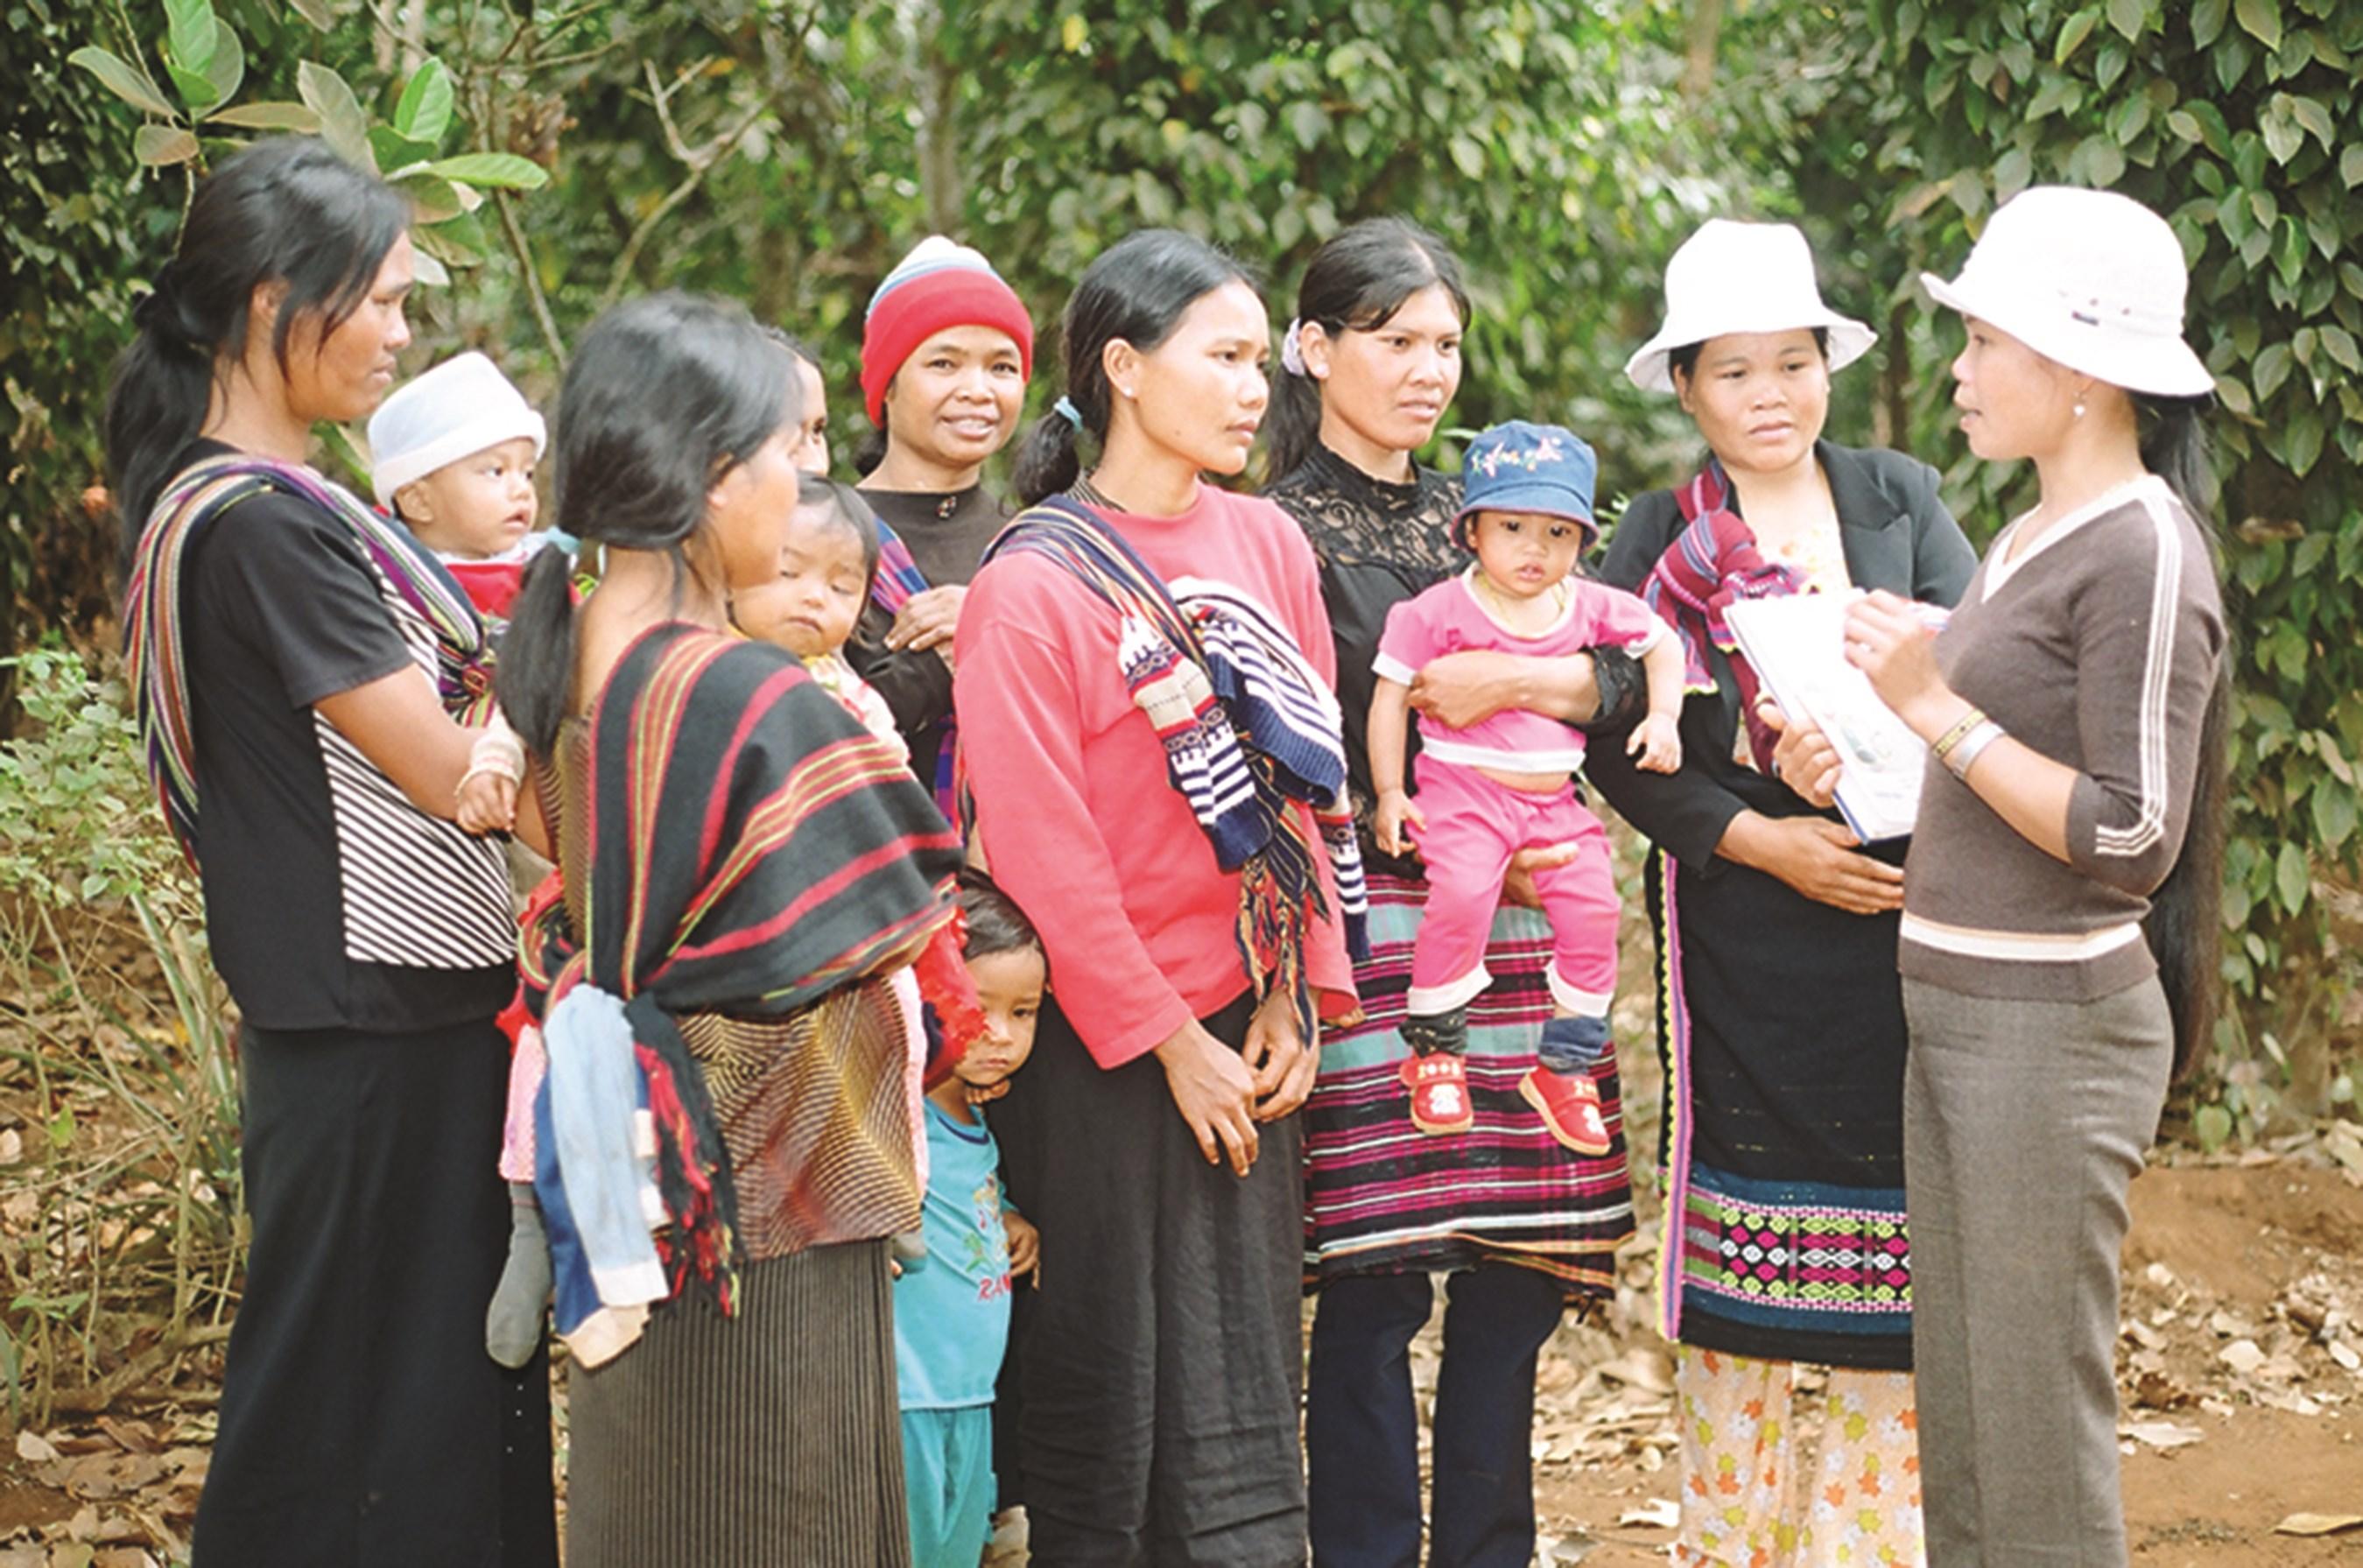 Phụ nữ DTTS cần được tuyên truyền nhiều hơn, hiệu quả hơn về phòng, chống bạo lực gia đình. (Ảnh Thanh Nhật)